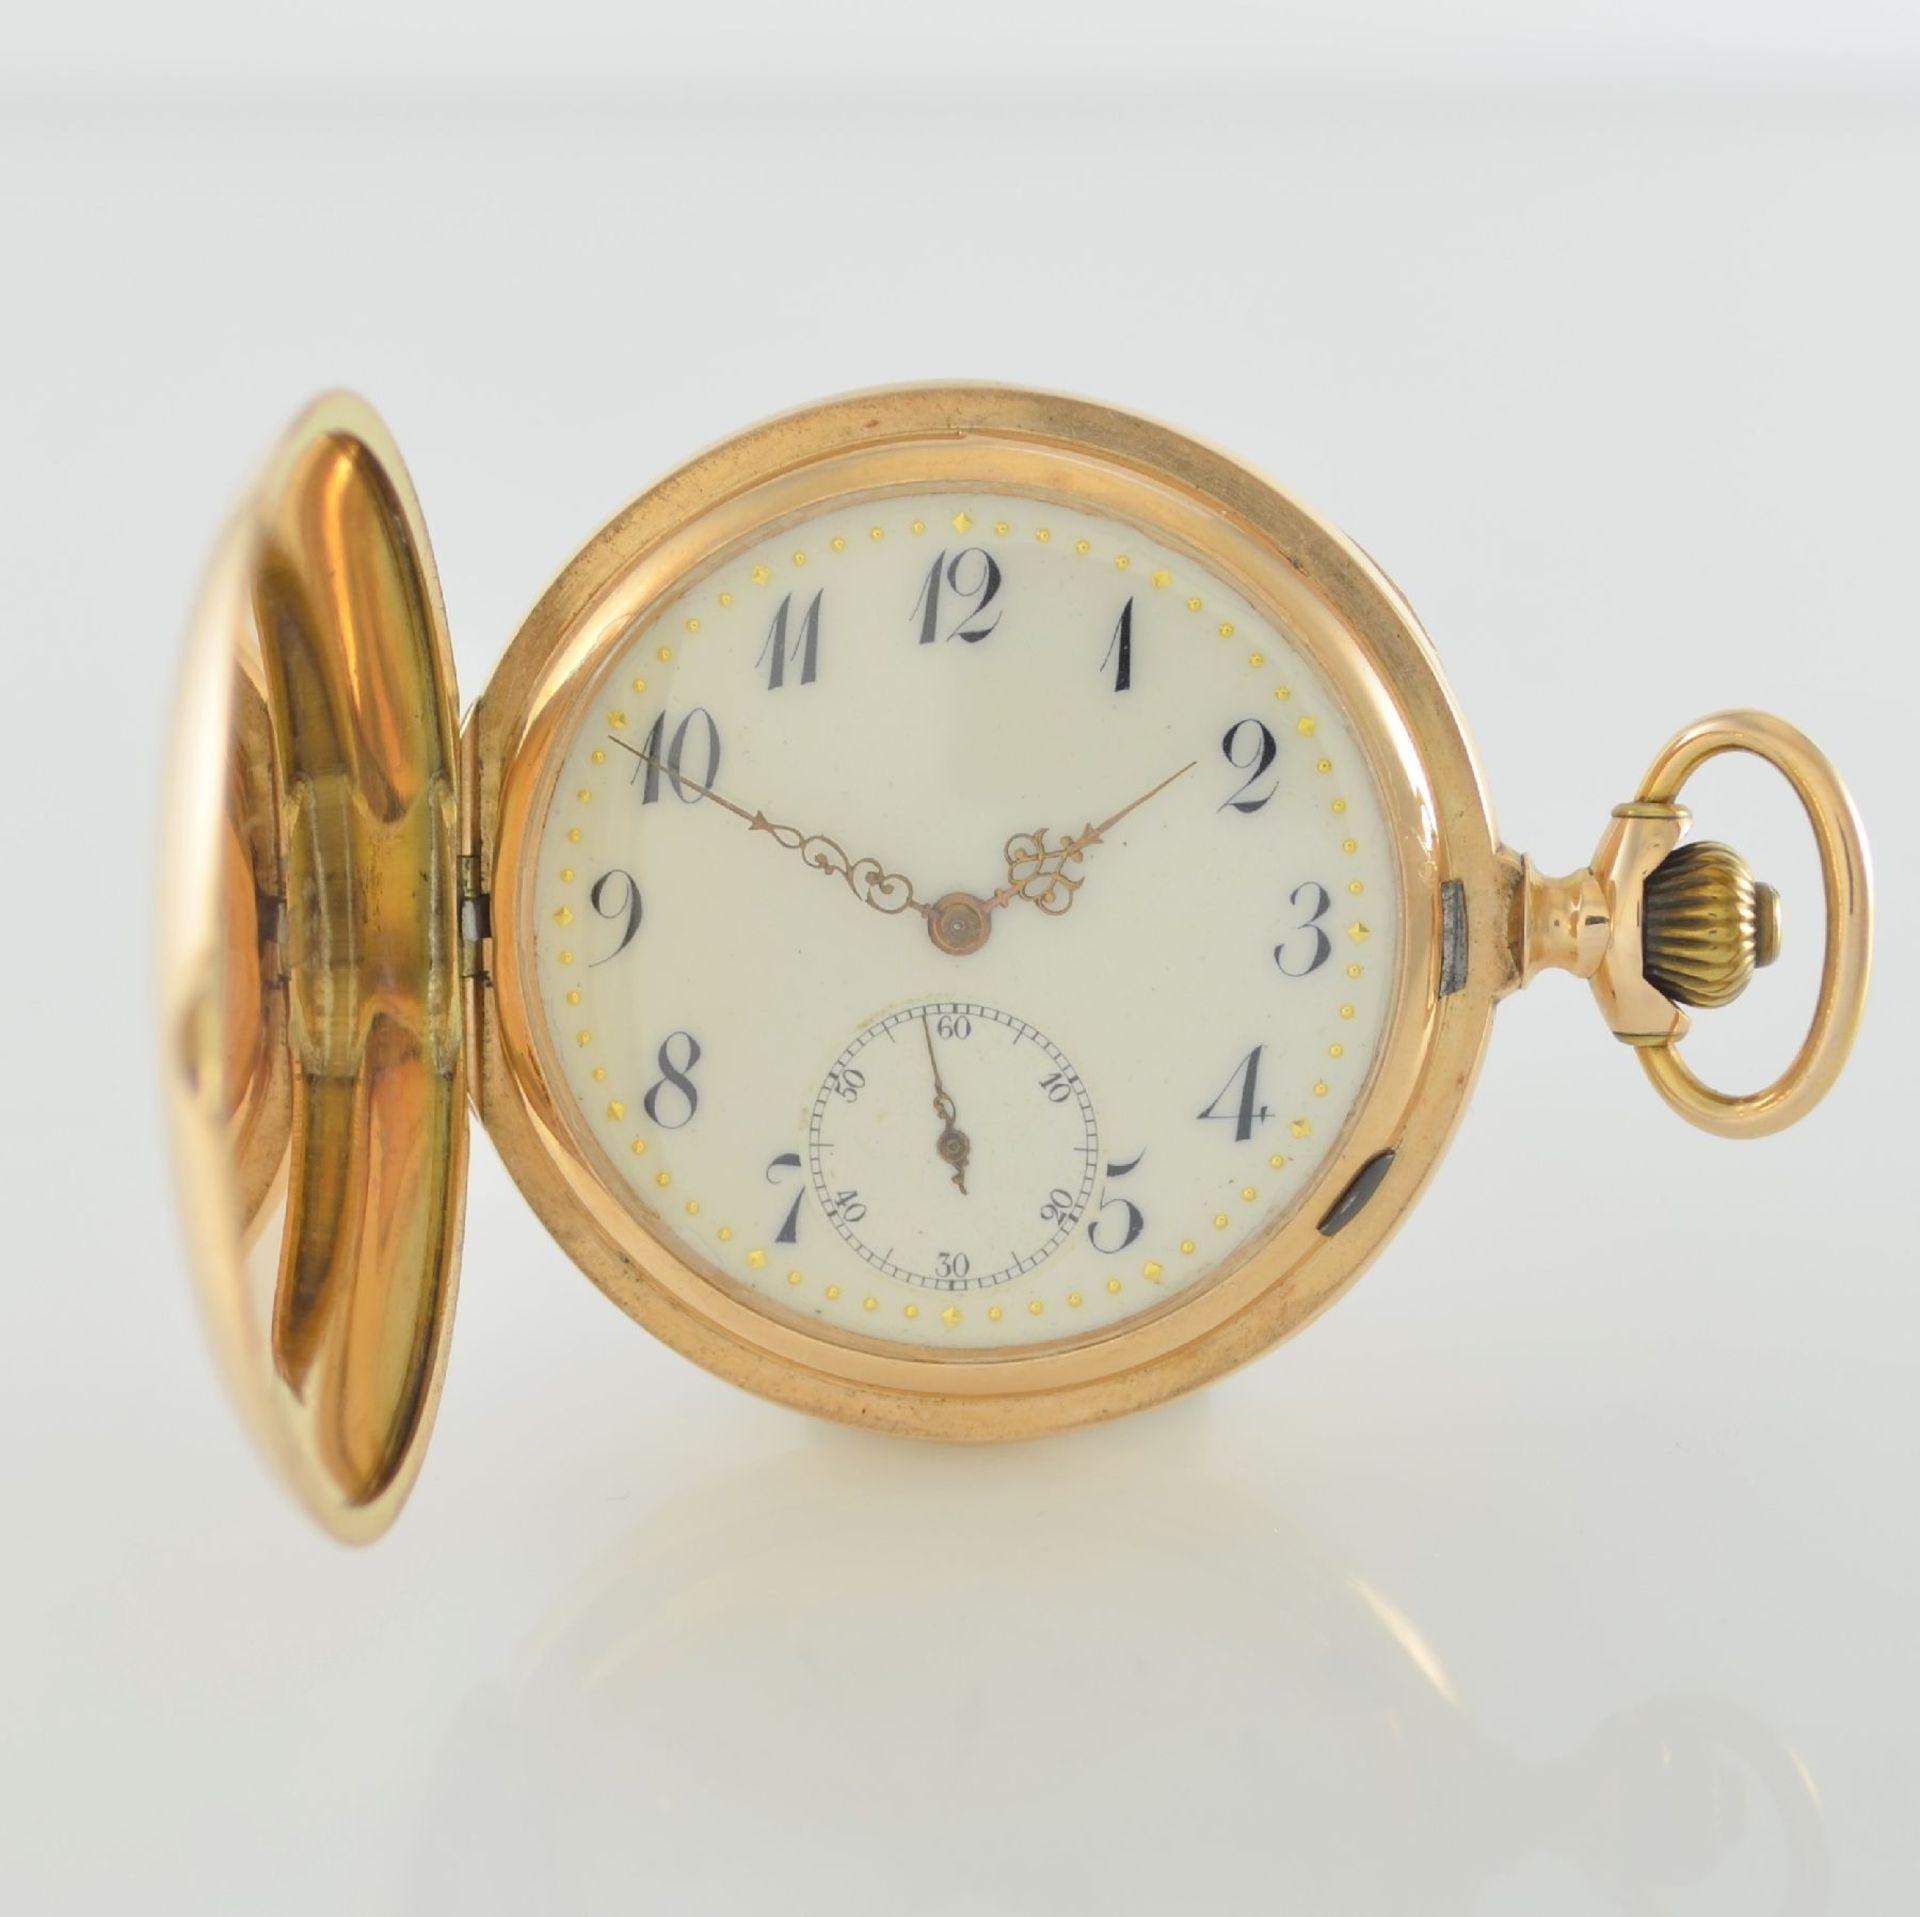 Herrensavonette in RG 585/000, Schweiz um 1900, guill. 3-Deckel-Goldgeh. dell. m. à- goutte-